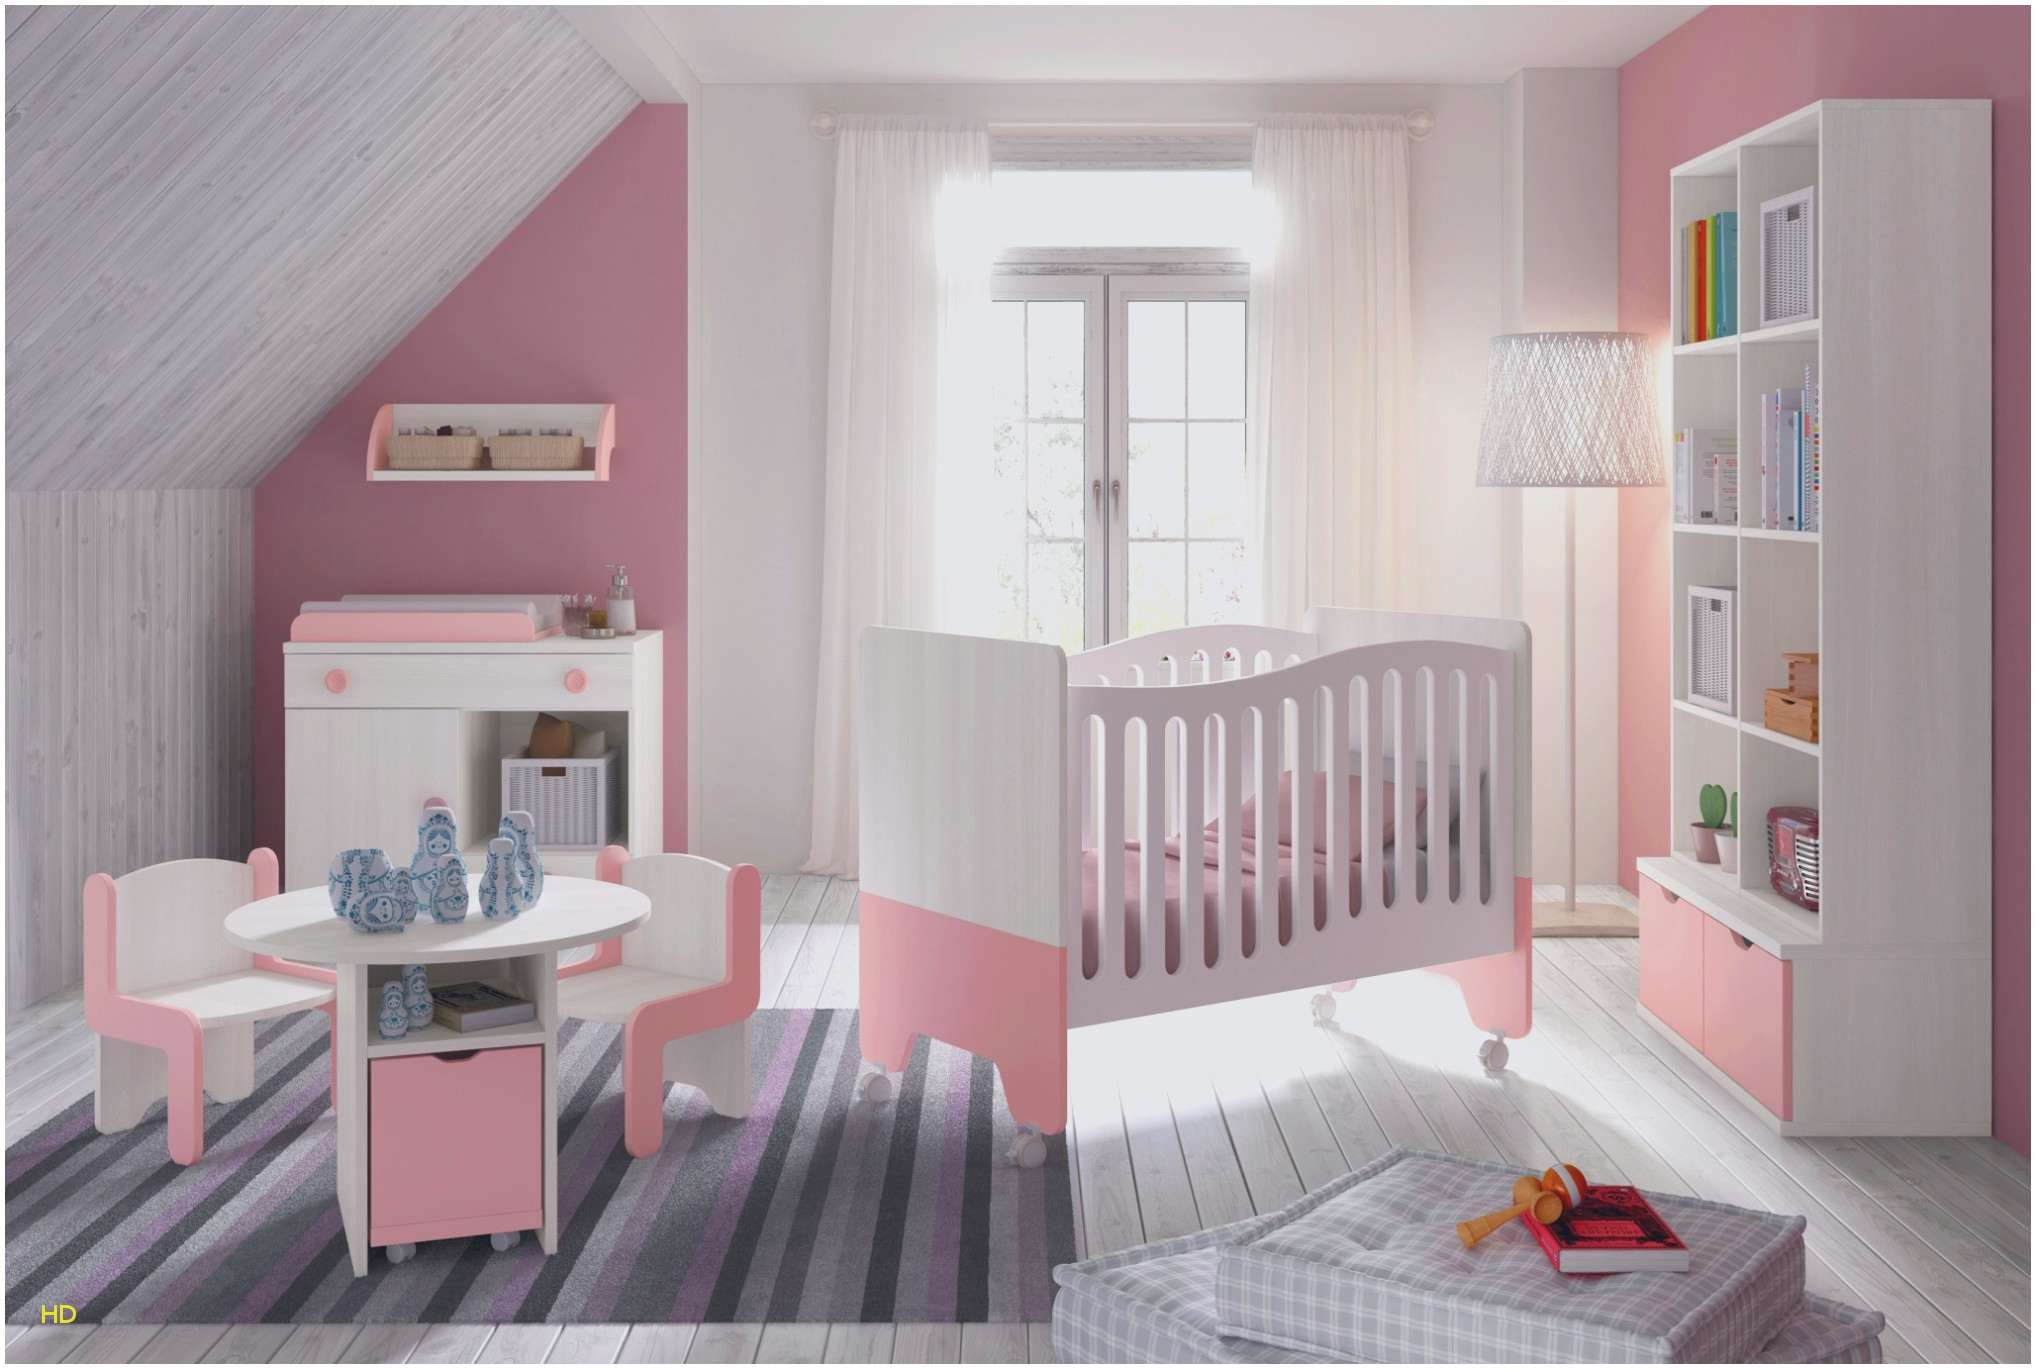 Lit Bébé Sauthon Frais Beau Decoration Londres Chambre Conforama Meilleur De S Conforama